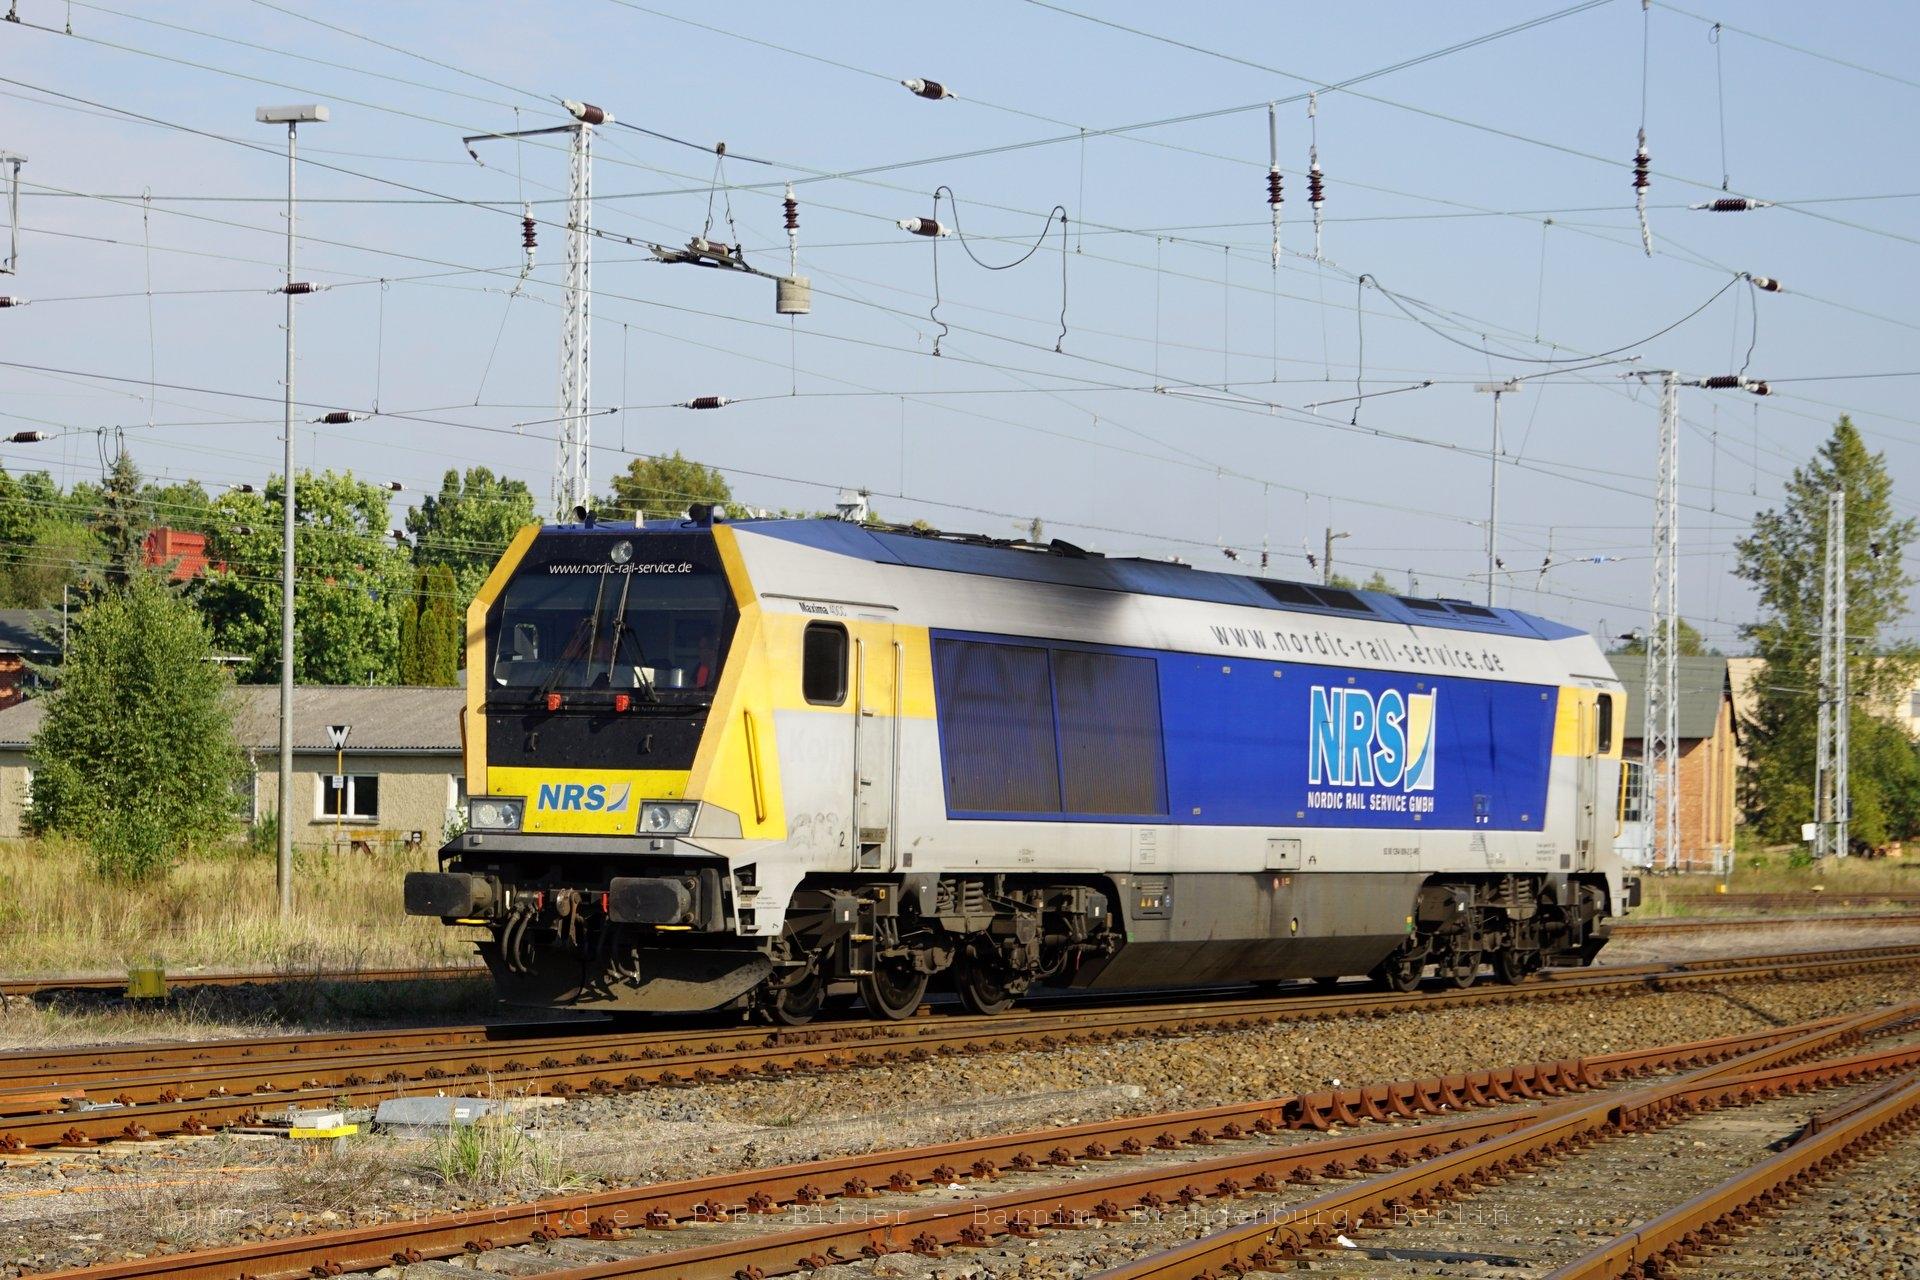 Voith Maxima von NRS im Bahnhof von Neustrelitz